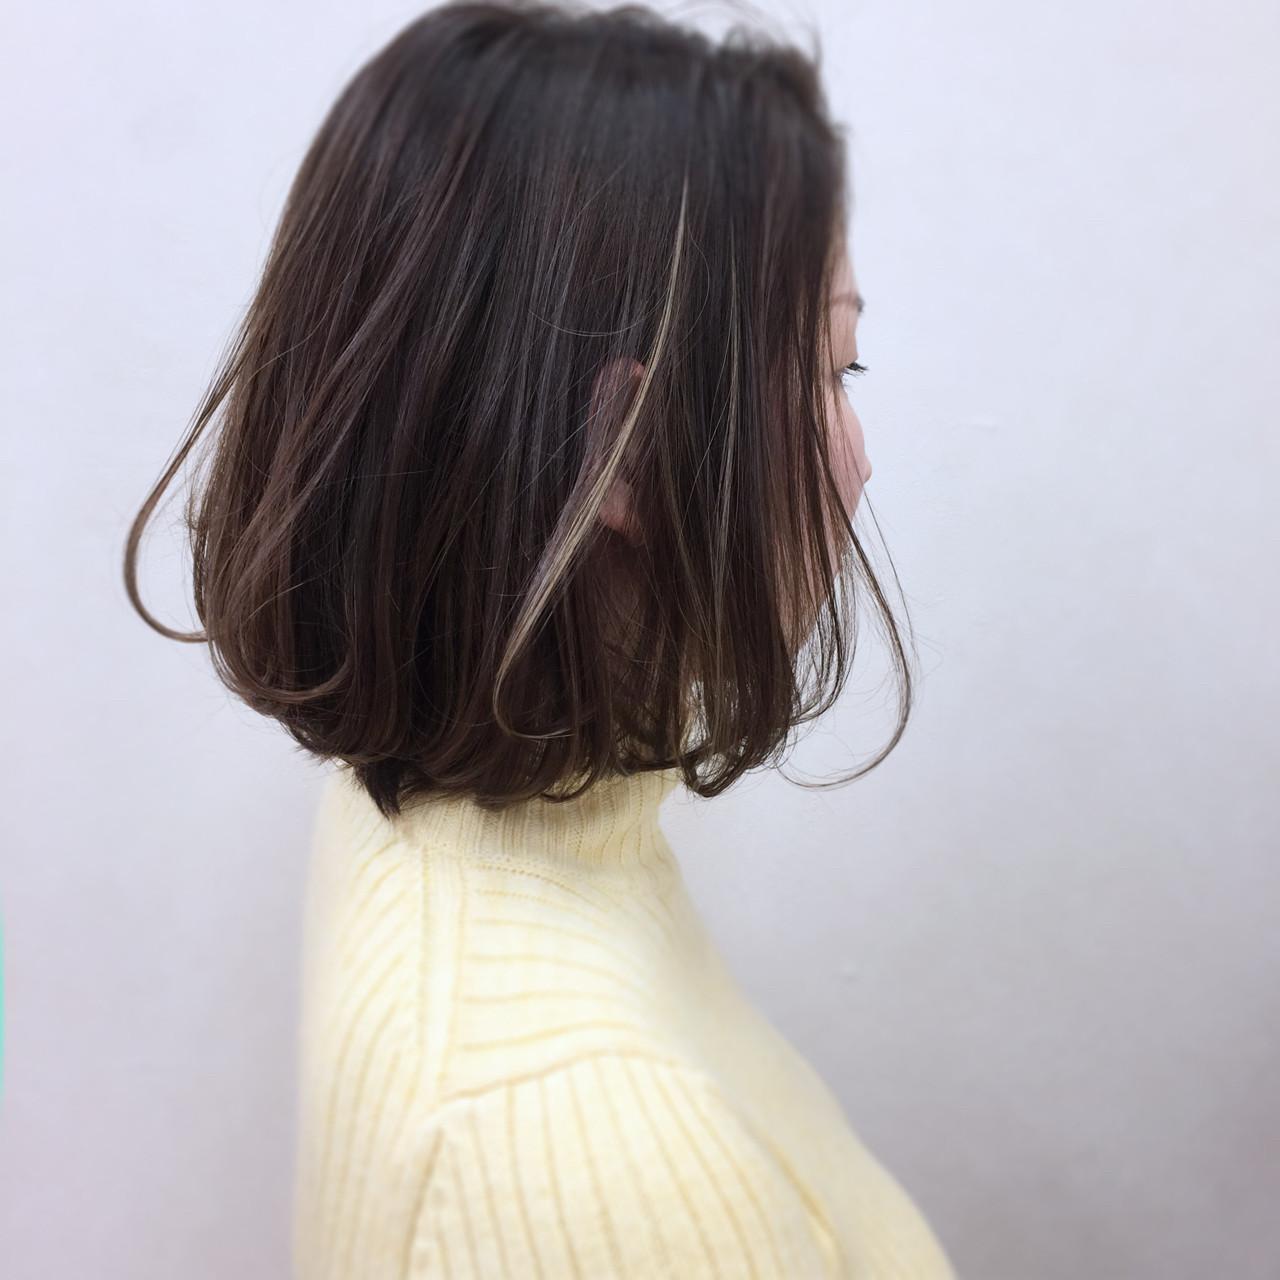 ボブ 暗髪 アッシュ ニュアンス ヘアスタイルや髪型の写真・画像